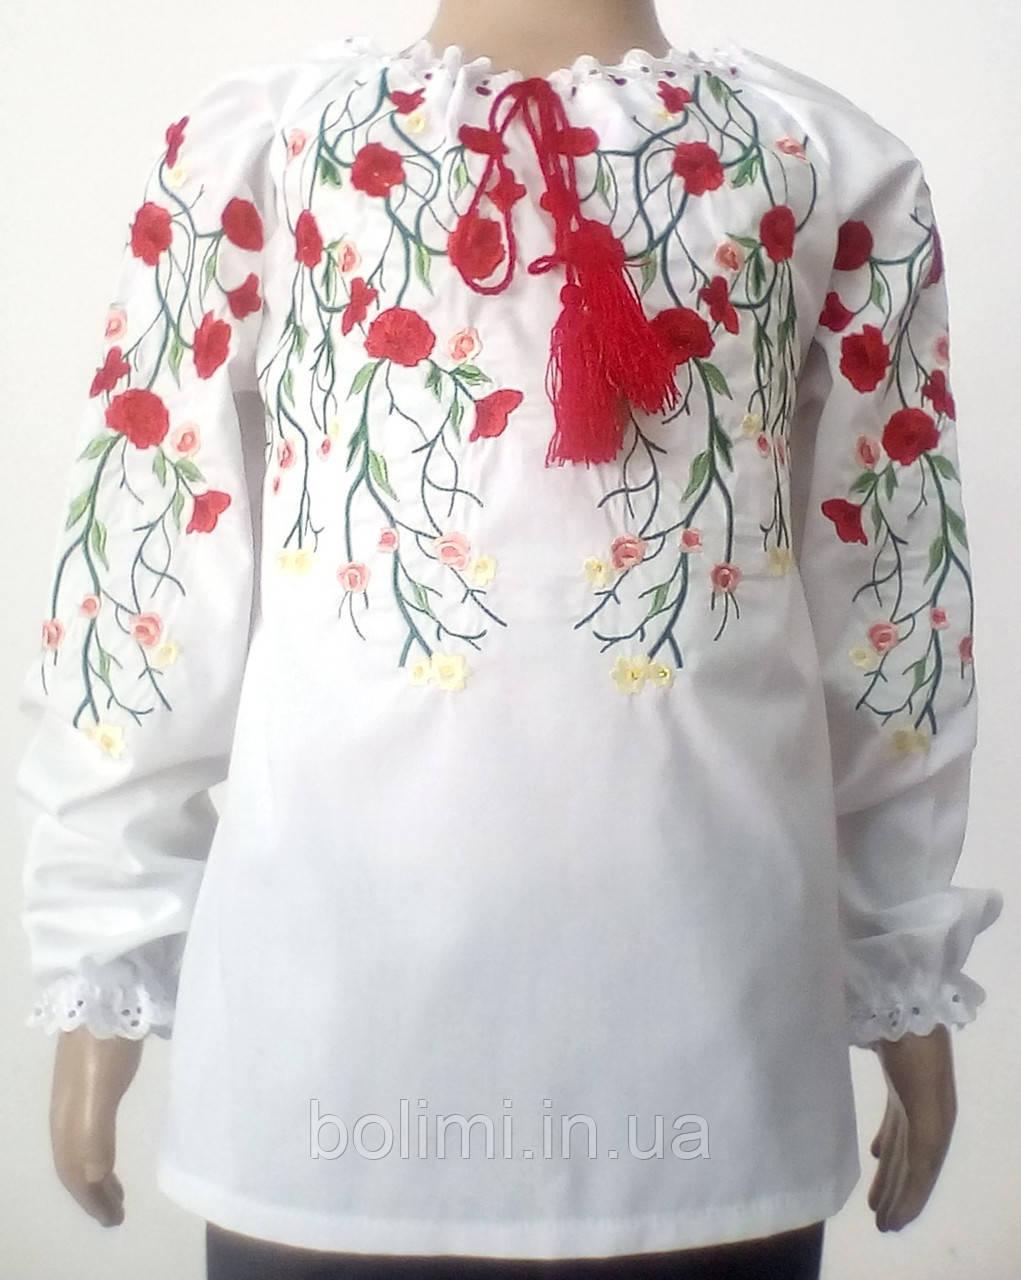 Сорочка для дівчинки вишита гладдю червоні квіти на гілочках Батист ... 97457ad2f60e5